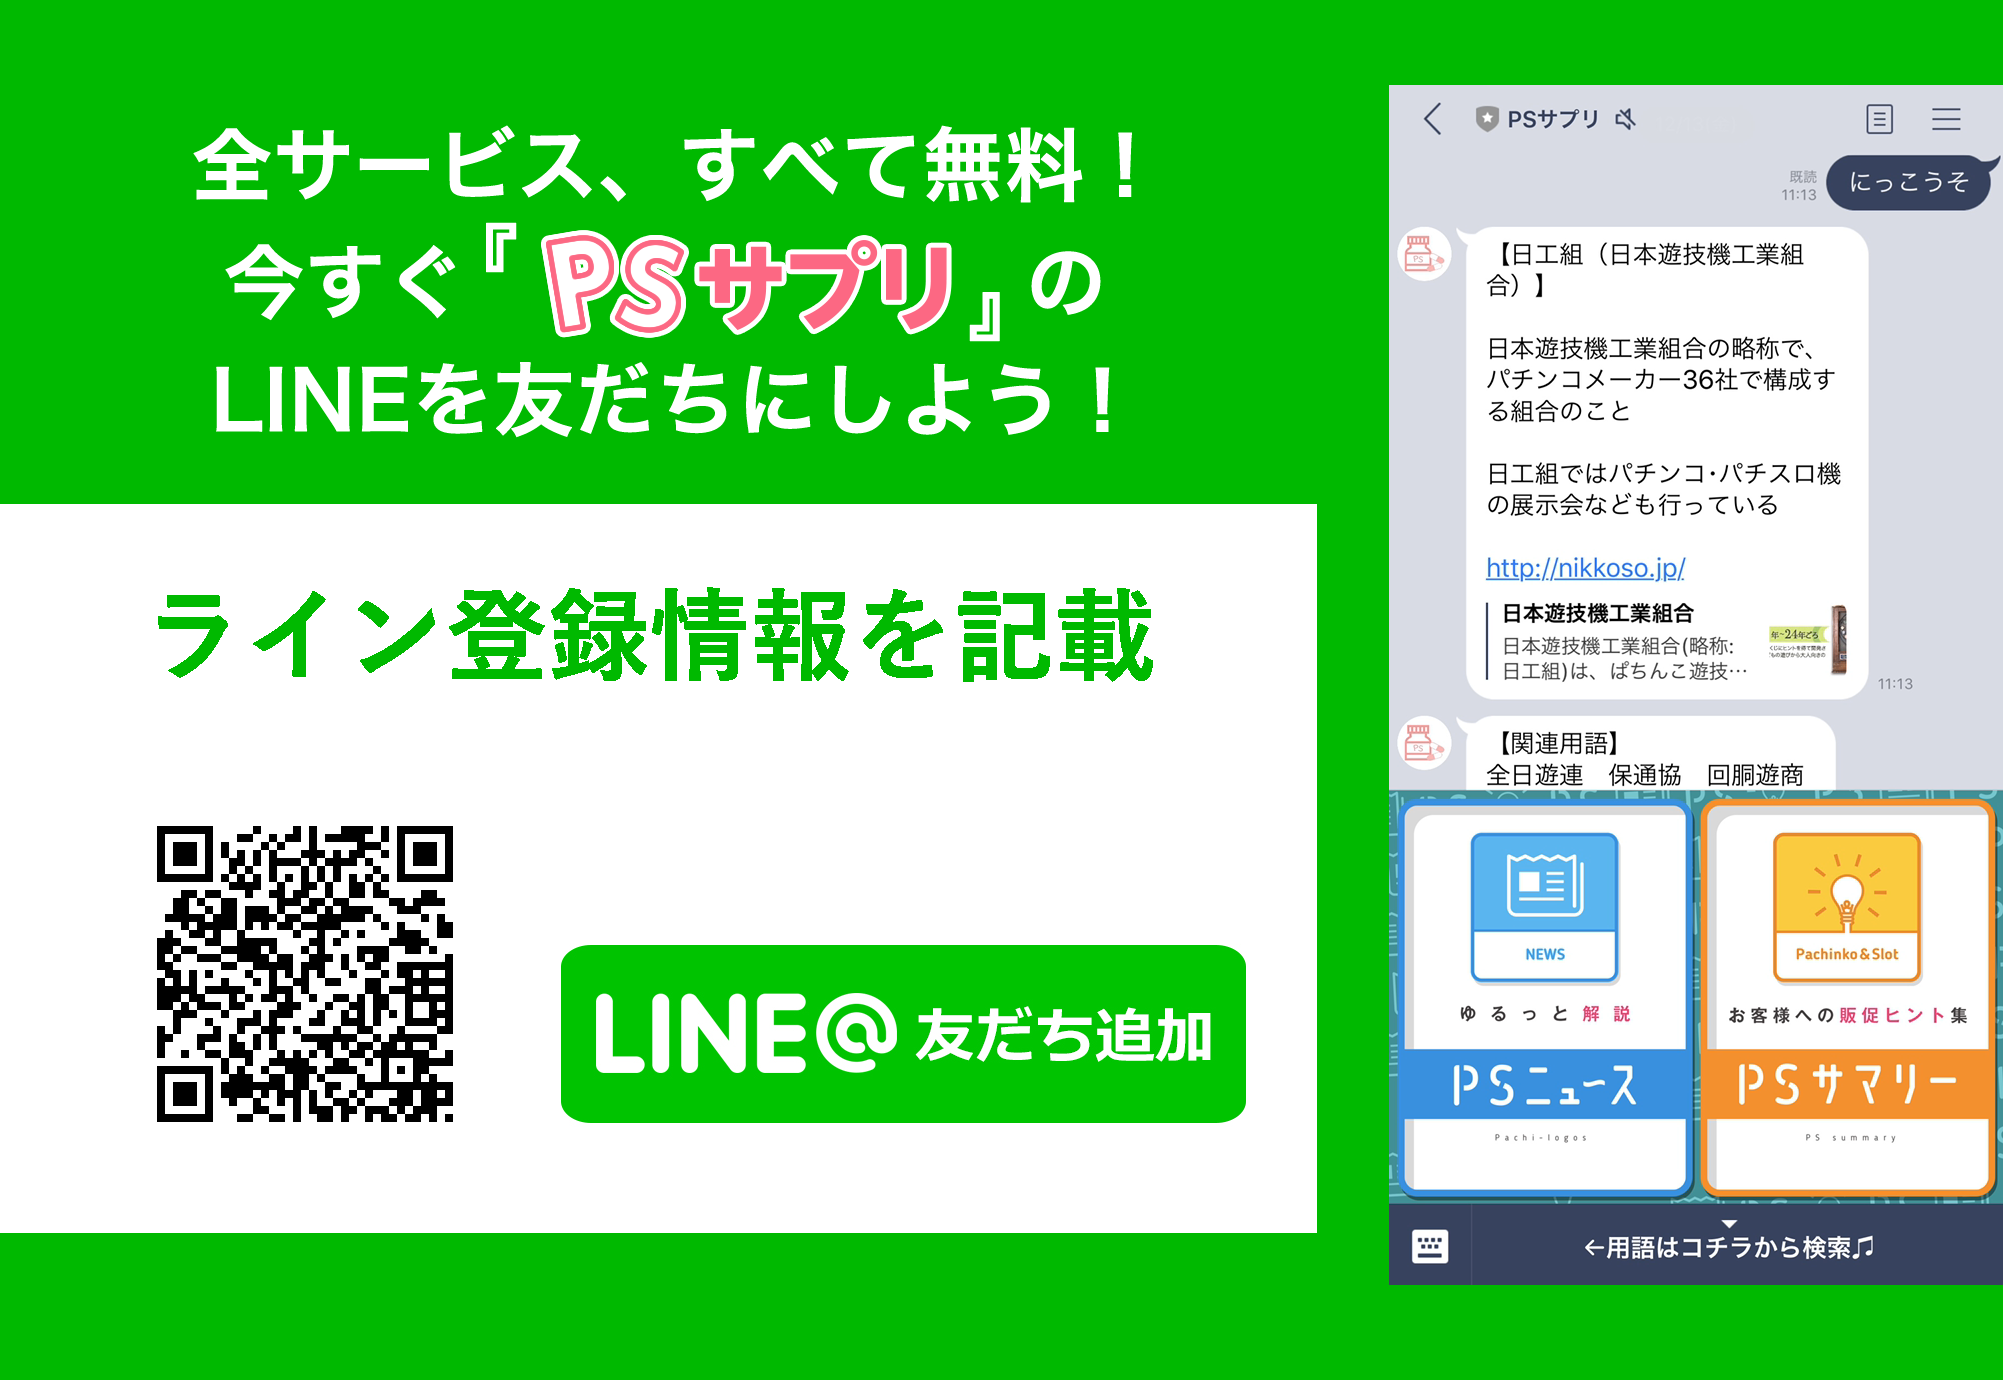 全サービス、すべて無料!今すぐ『PSサプリ』のLINEを友だちにしよう!